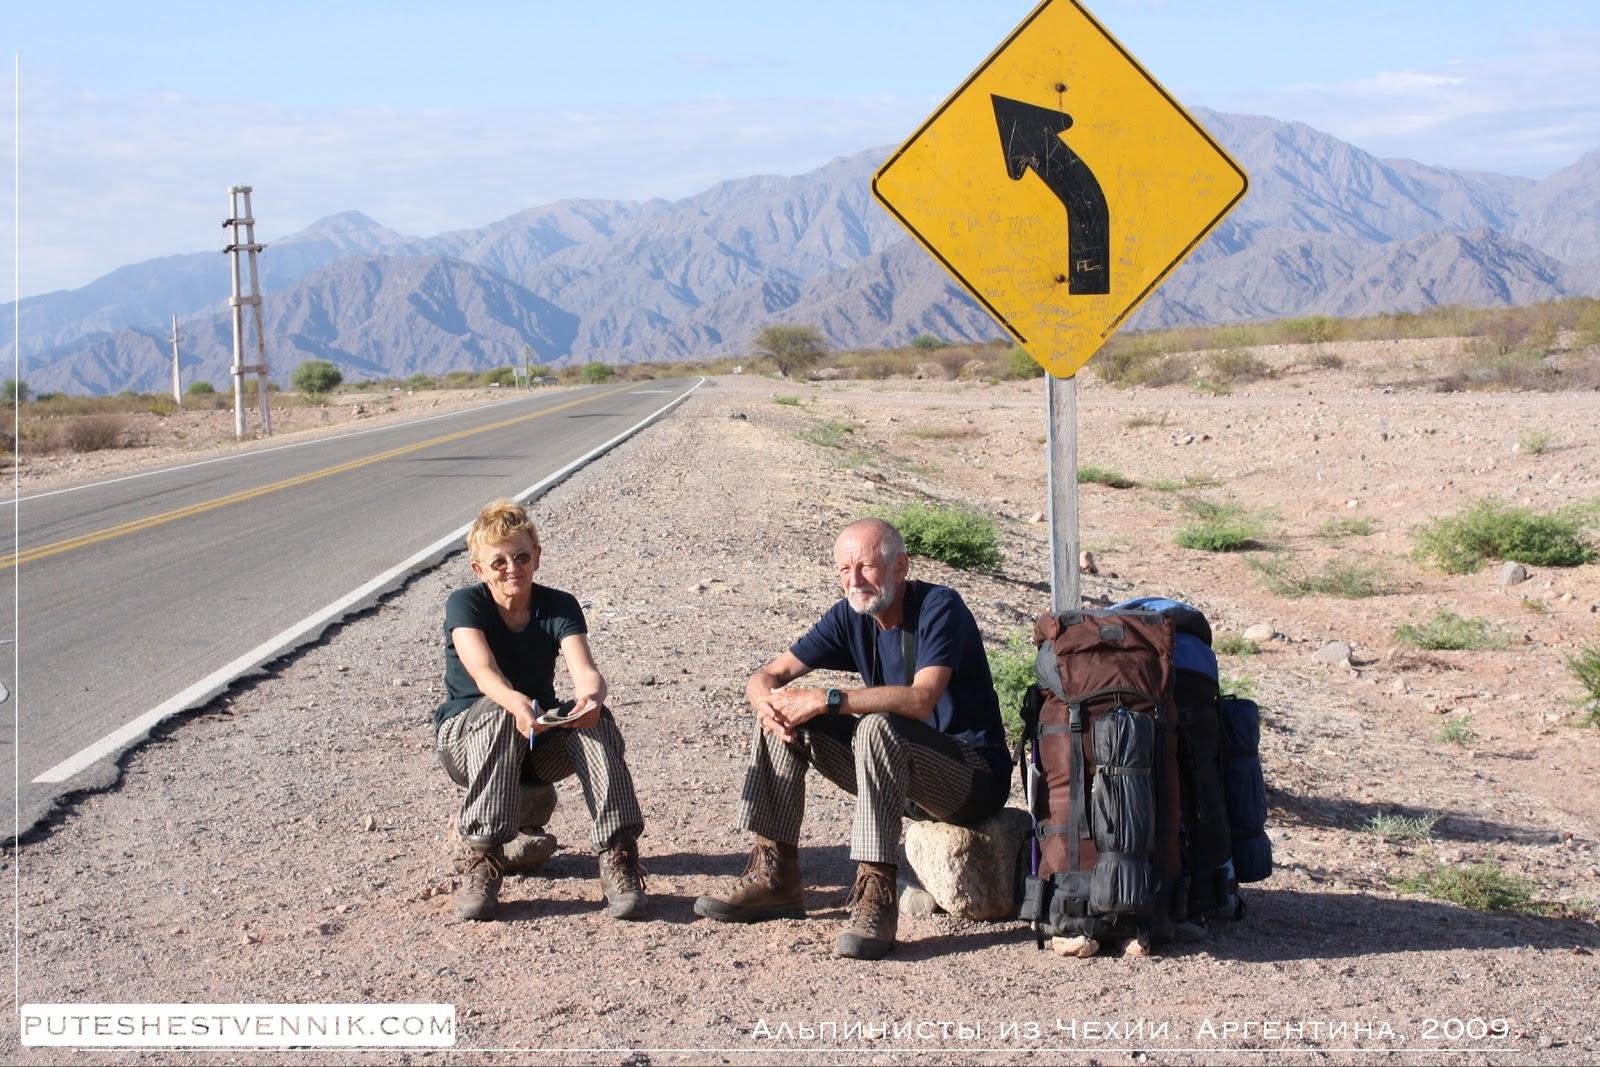 Чешские альпинисты путешествуют автостопом